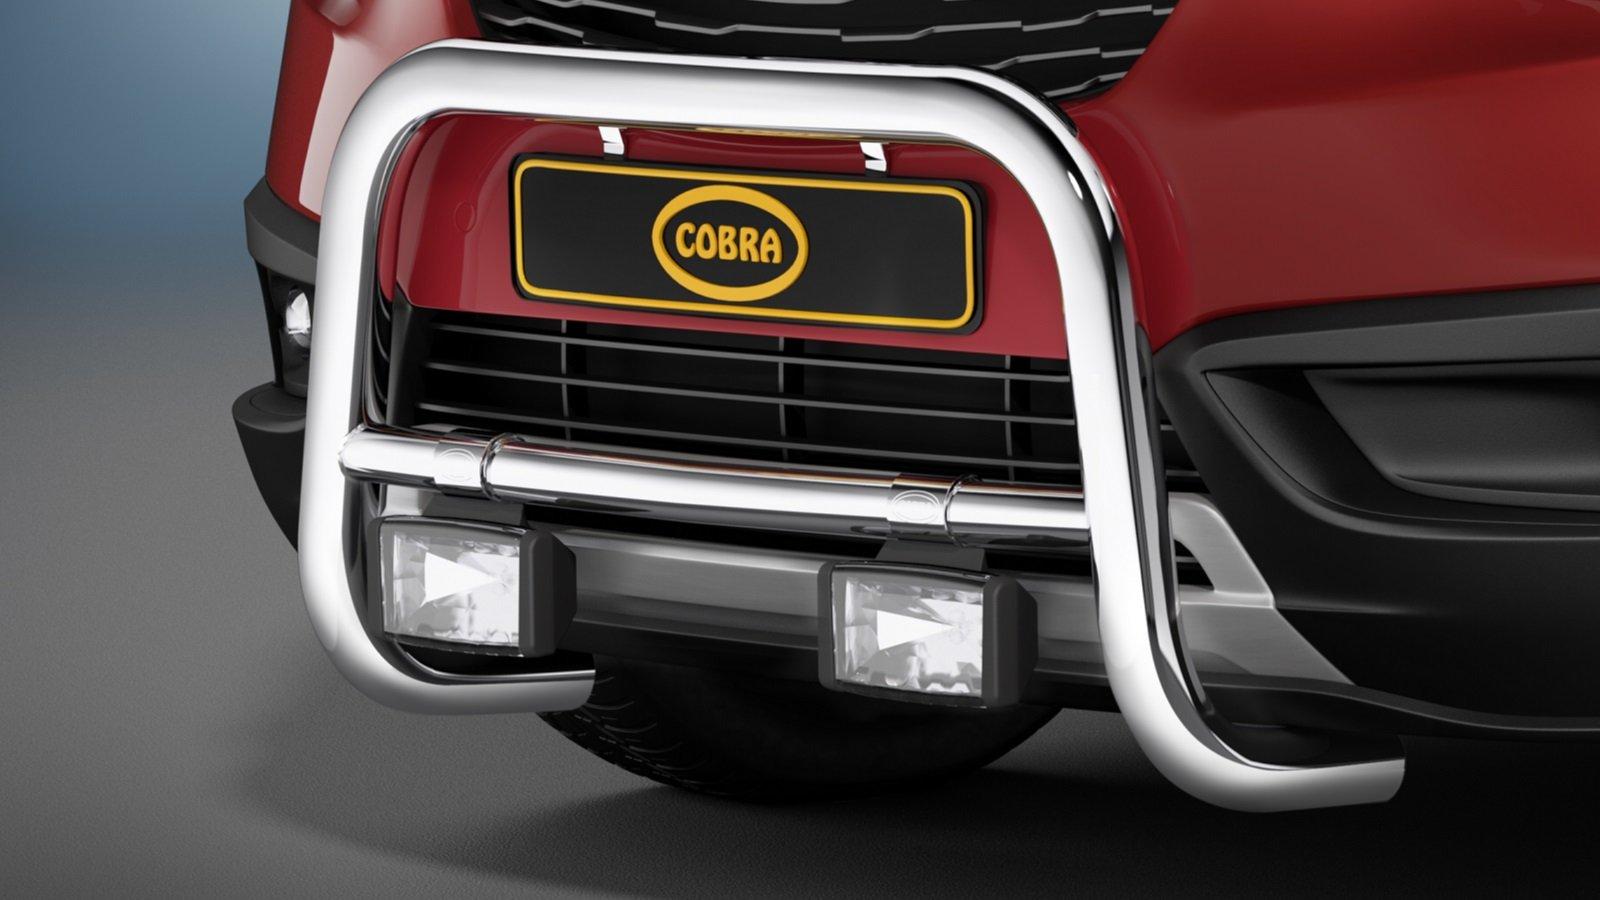 Cobra EU-kufanger, Ø 60 mm, Citroën C3  Aircross, mod. 2018->